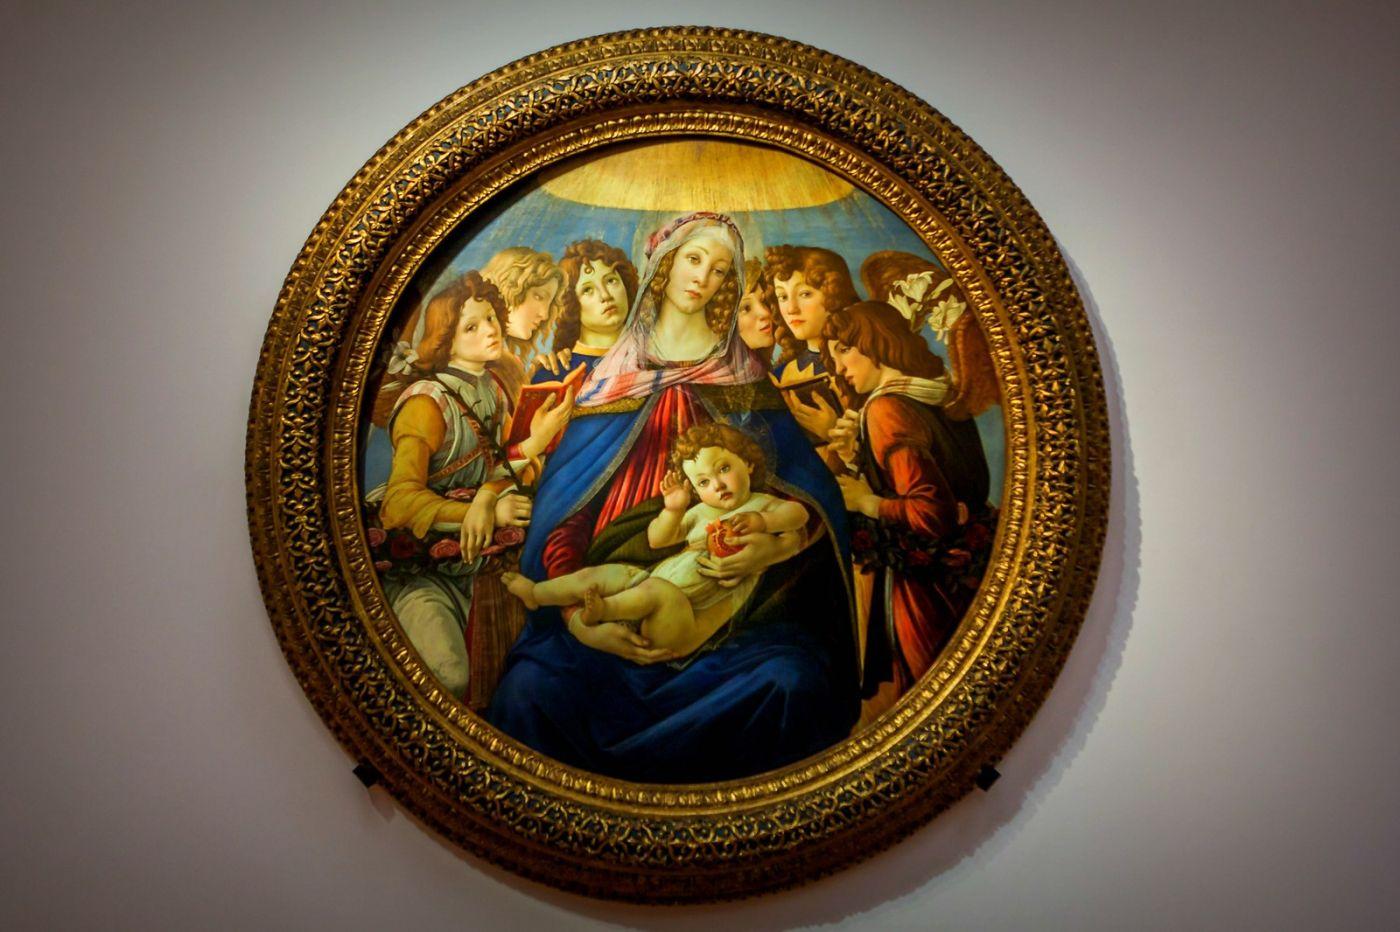 意大利佛罗伦斯乌菲兹美术馆, 目睹藏品_图1-17